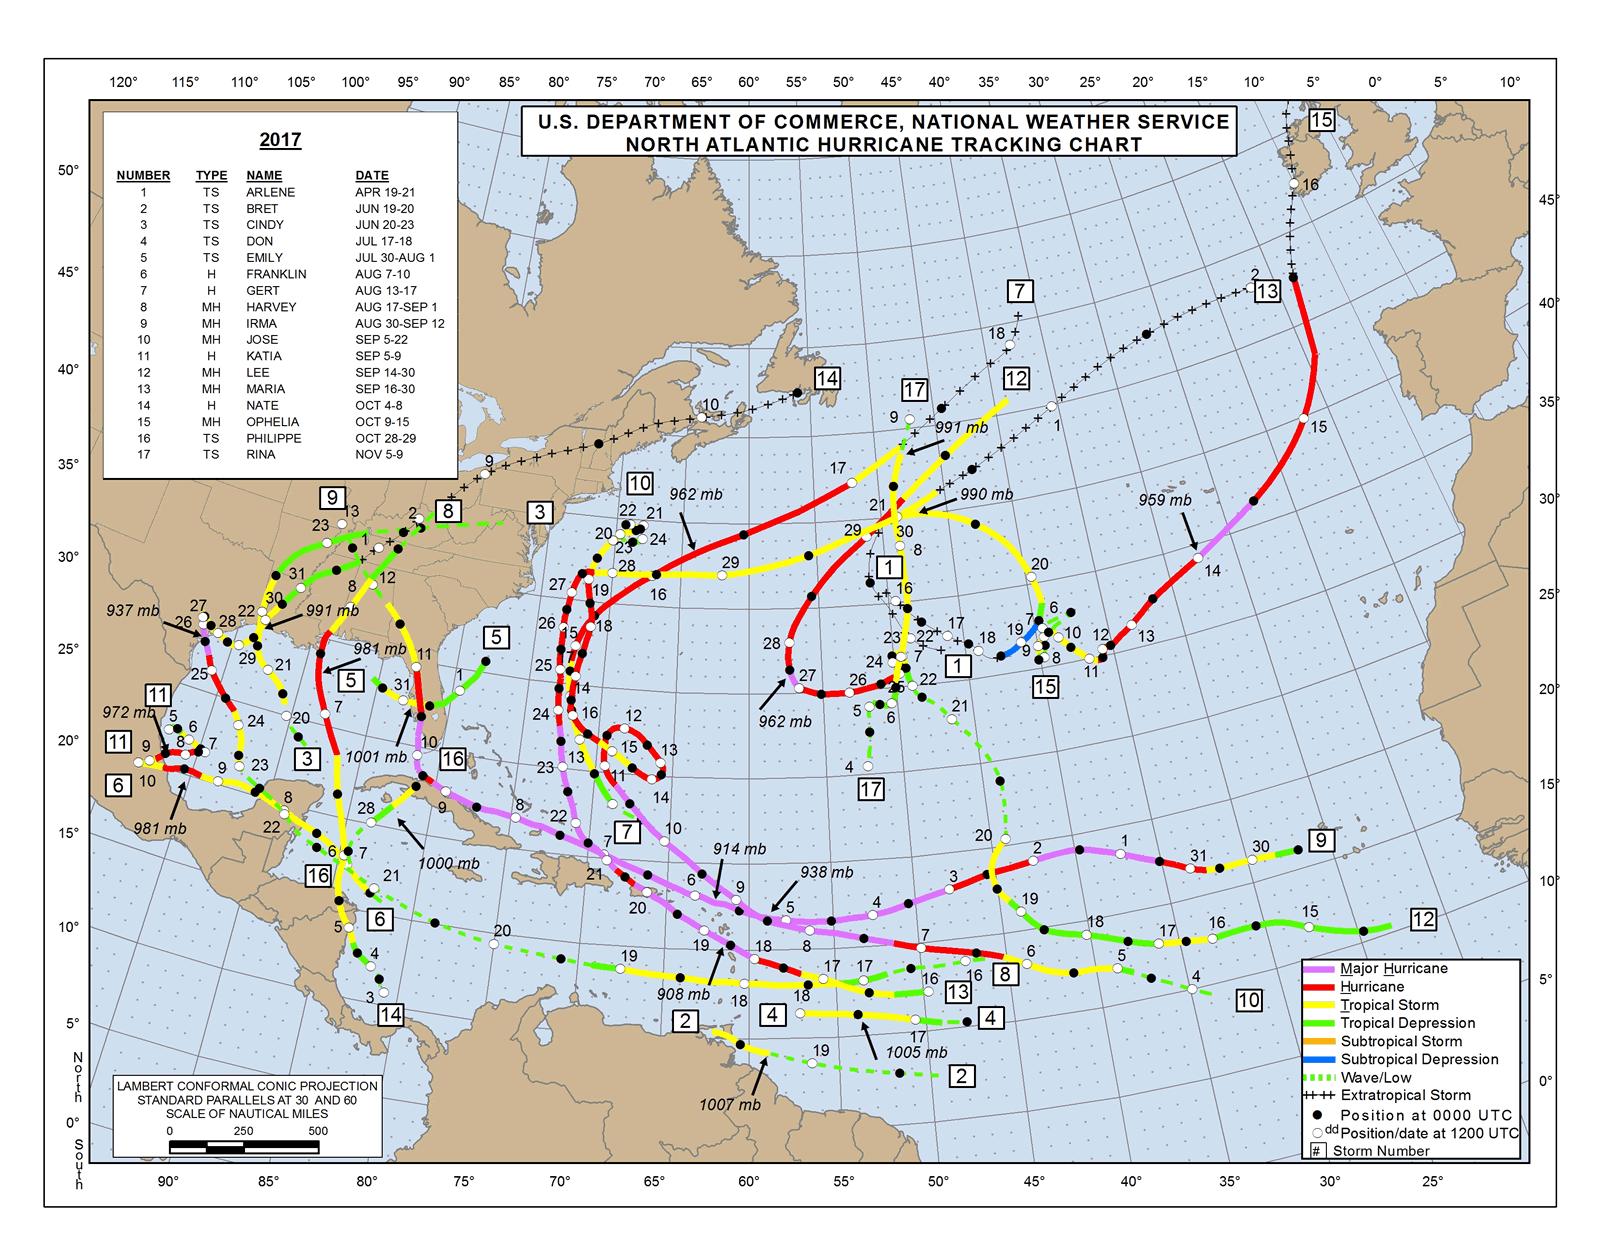 Les ouragans en Floride pendant la saison 2017